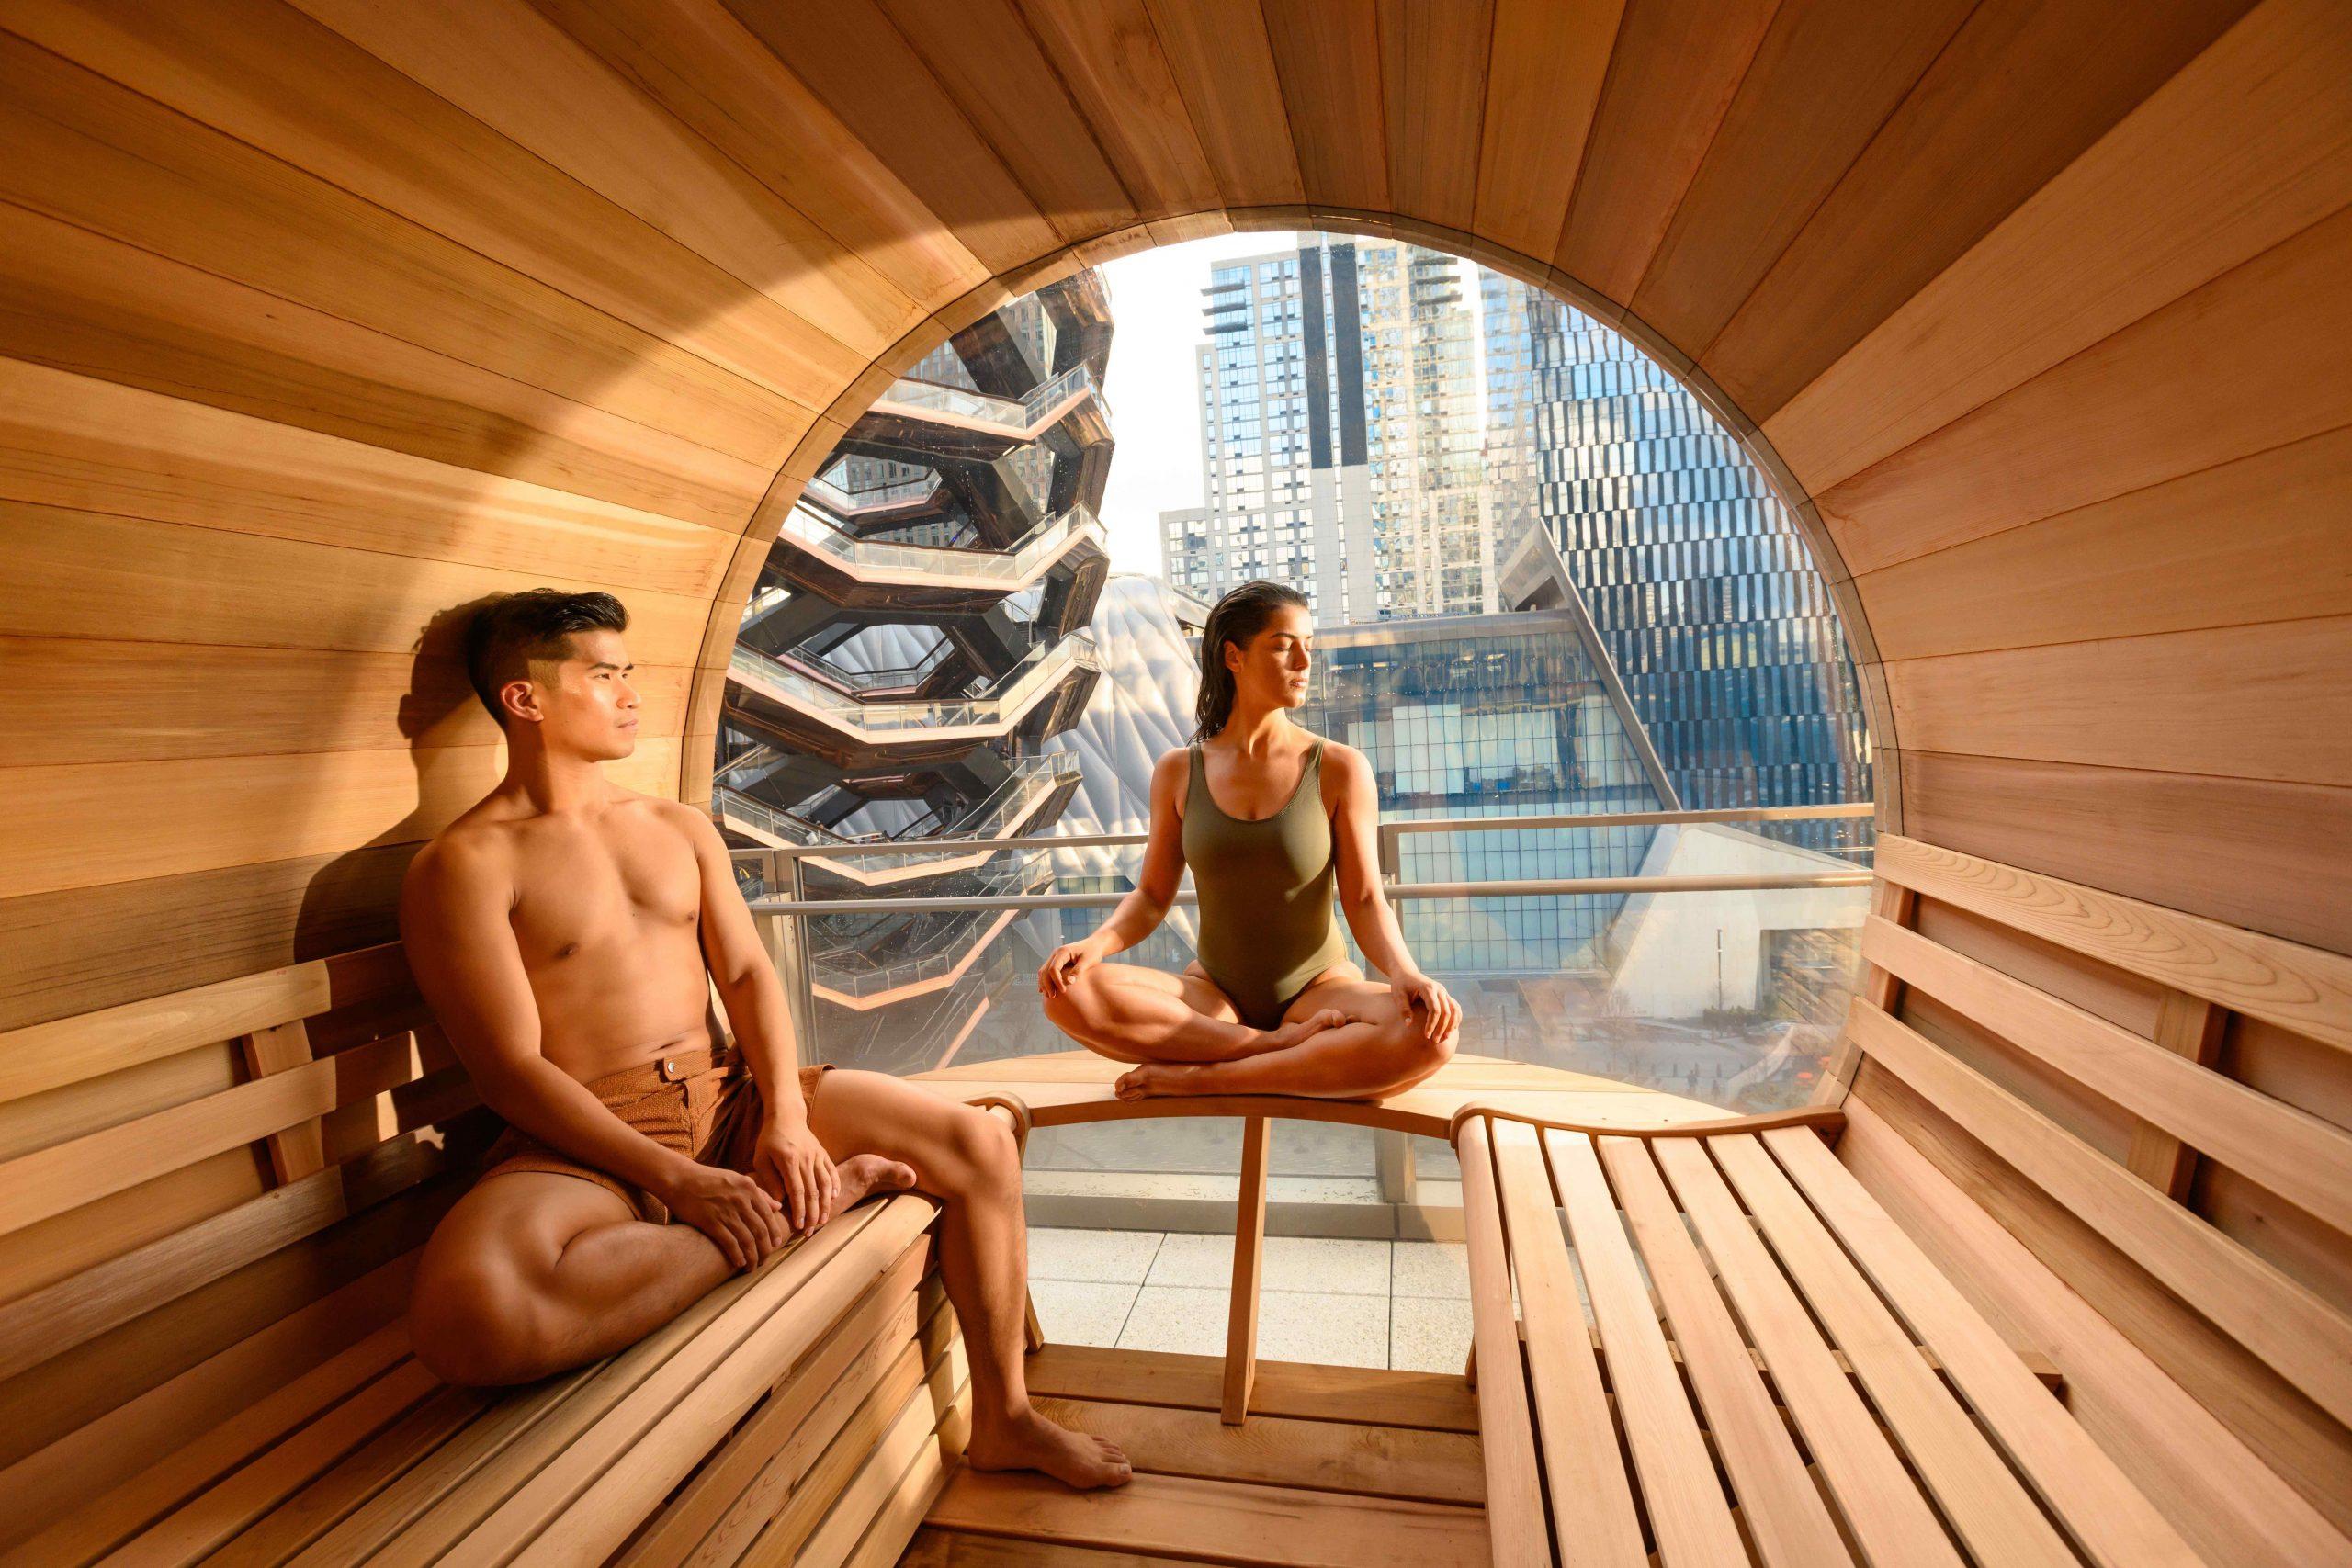 rooftop sauna room